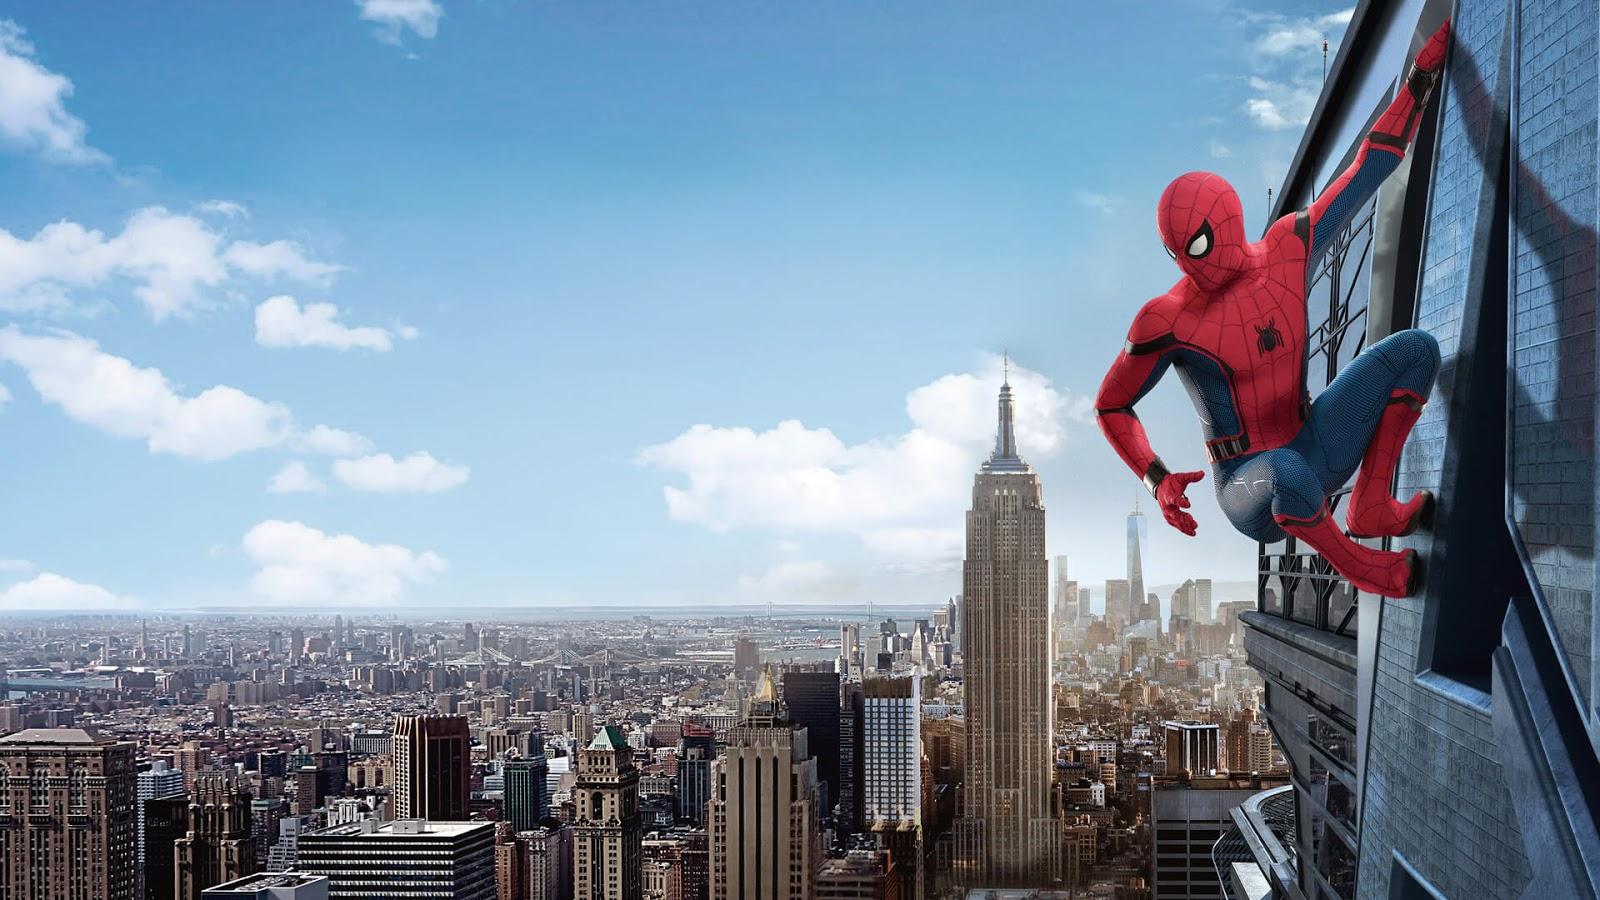 Veja a conferência de imprensa oficial de Homem-Aranha: De Volta ao Lar